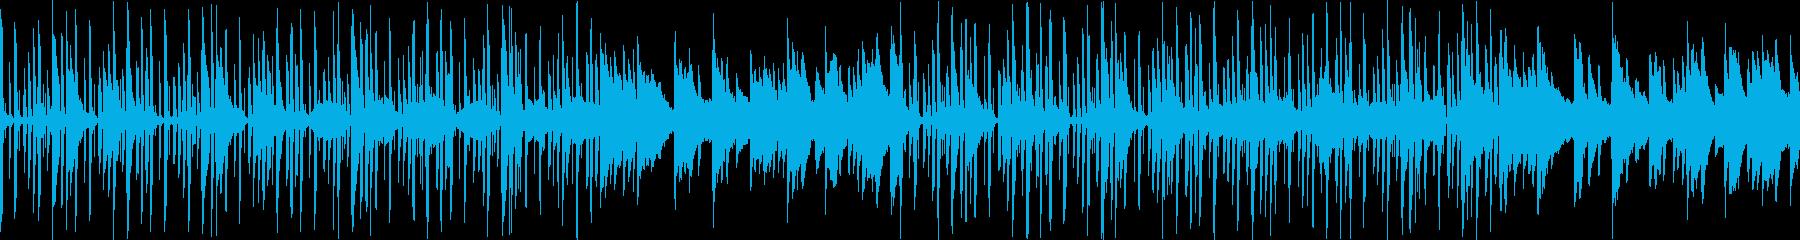 【ドラム抜き】ほのぼの明るい素朴なBGMの再生済みの波形